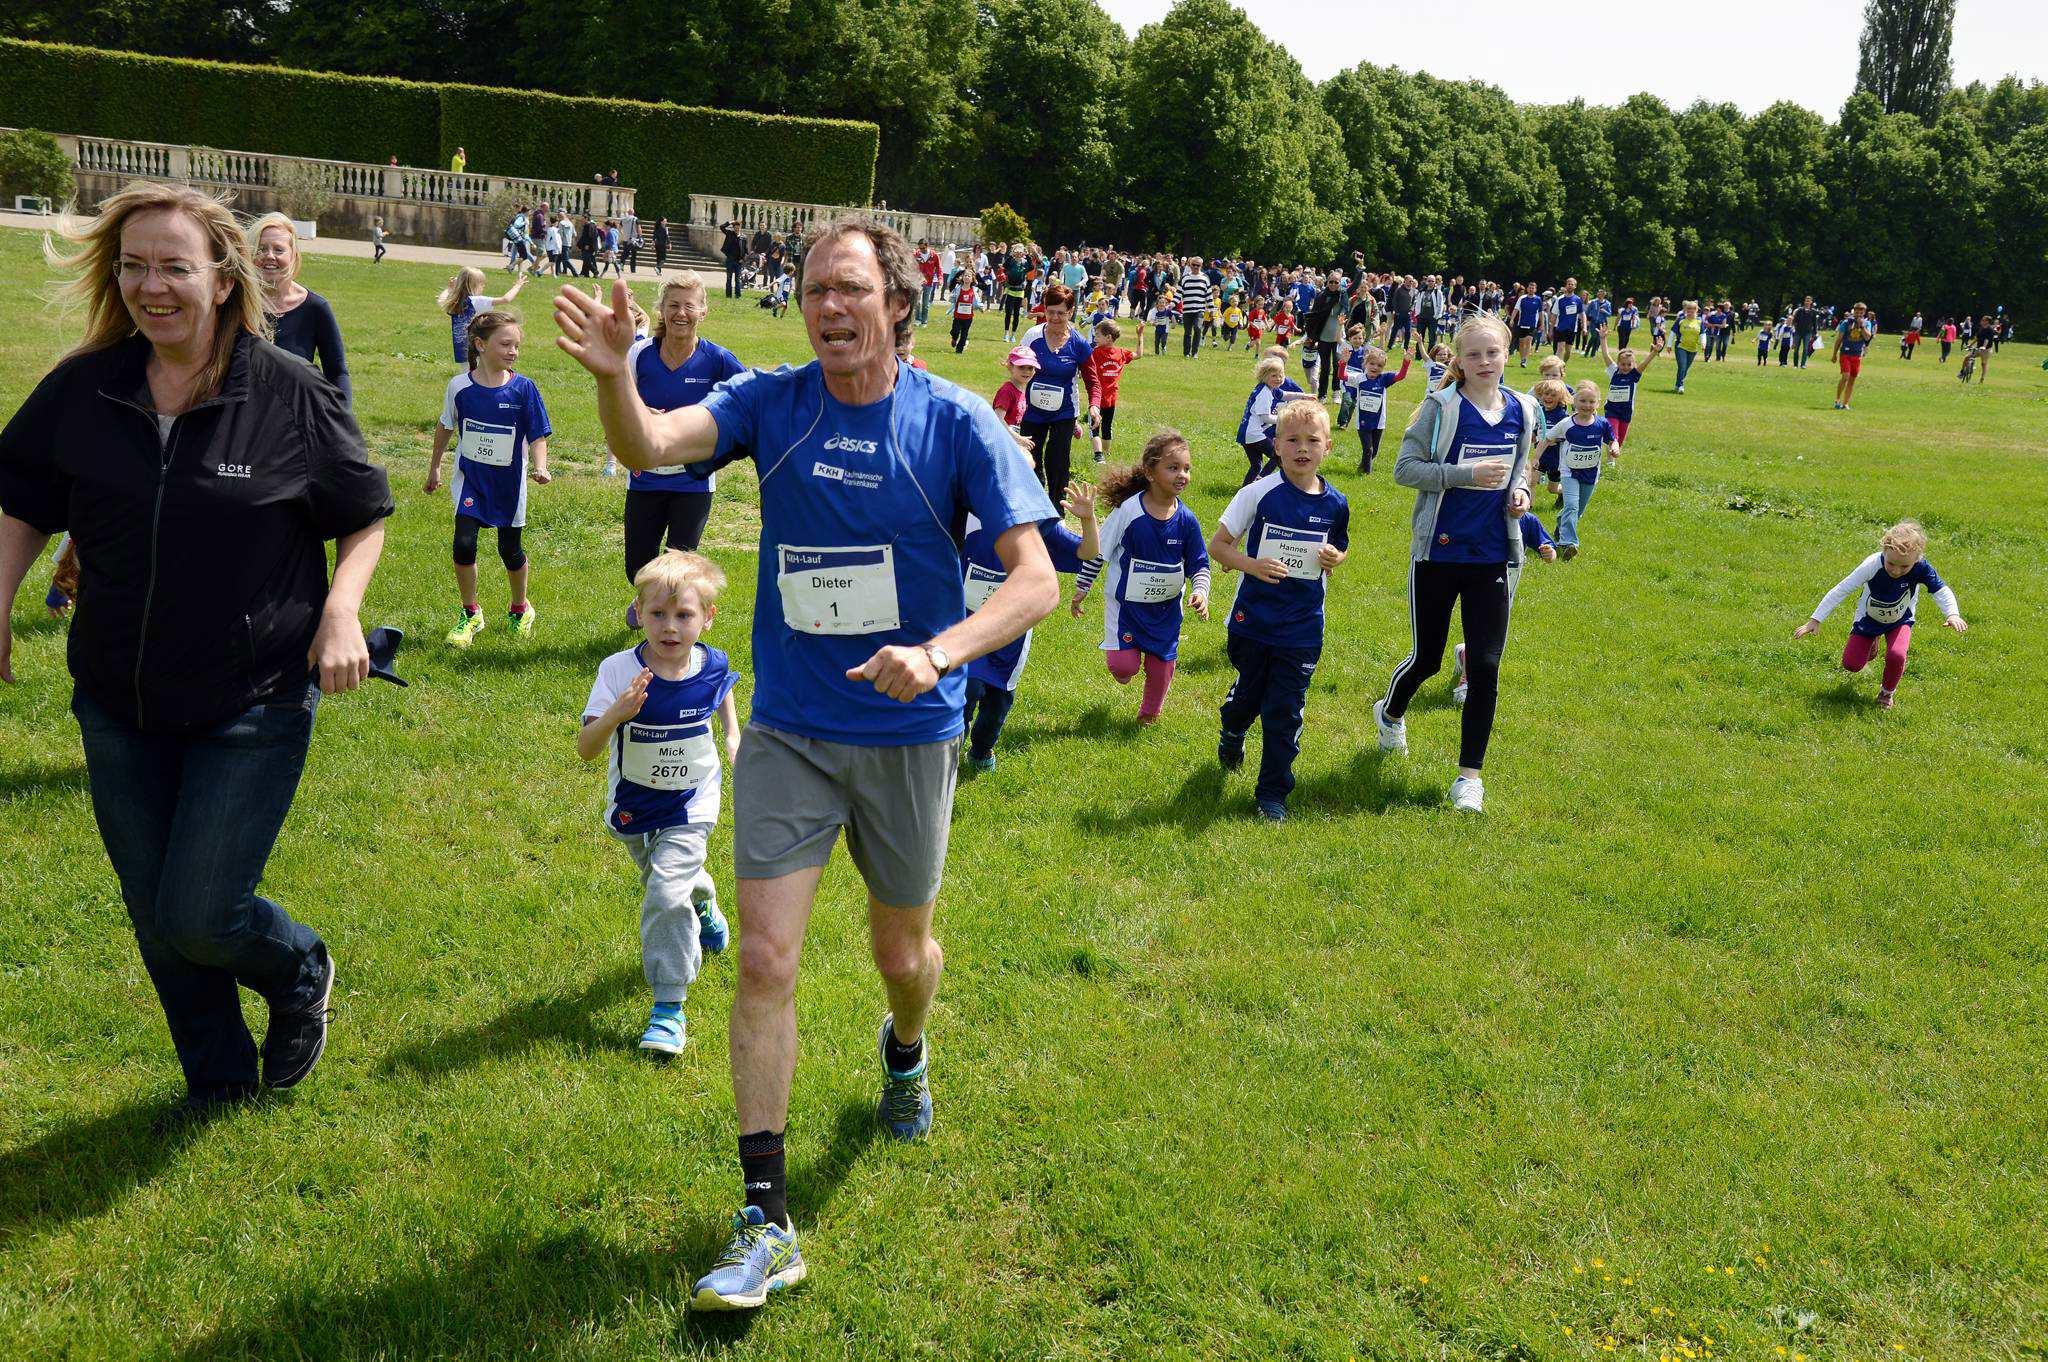 KKH-Lauf: Mit Olympiasieger Dieter Baumann durch die